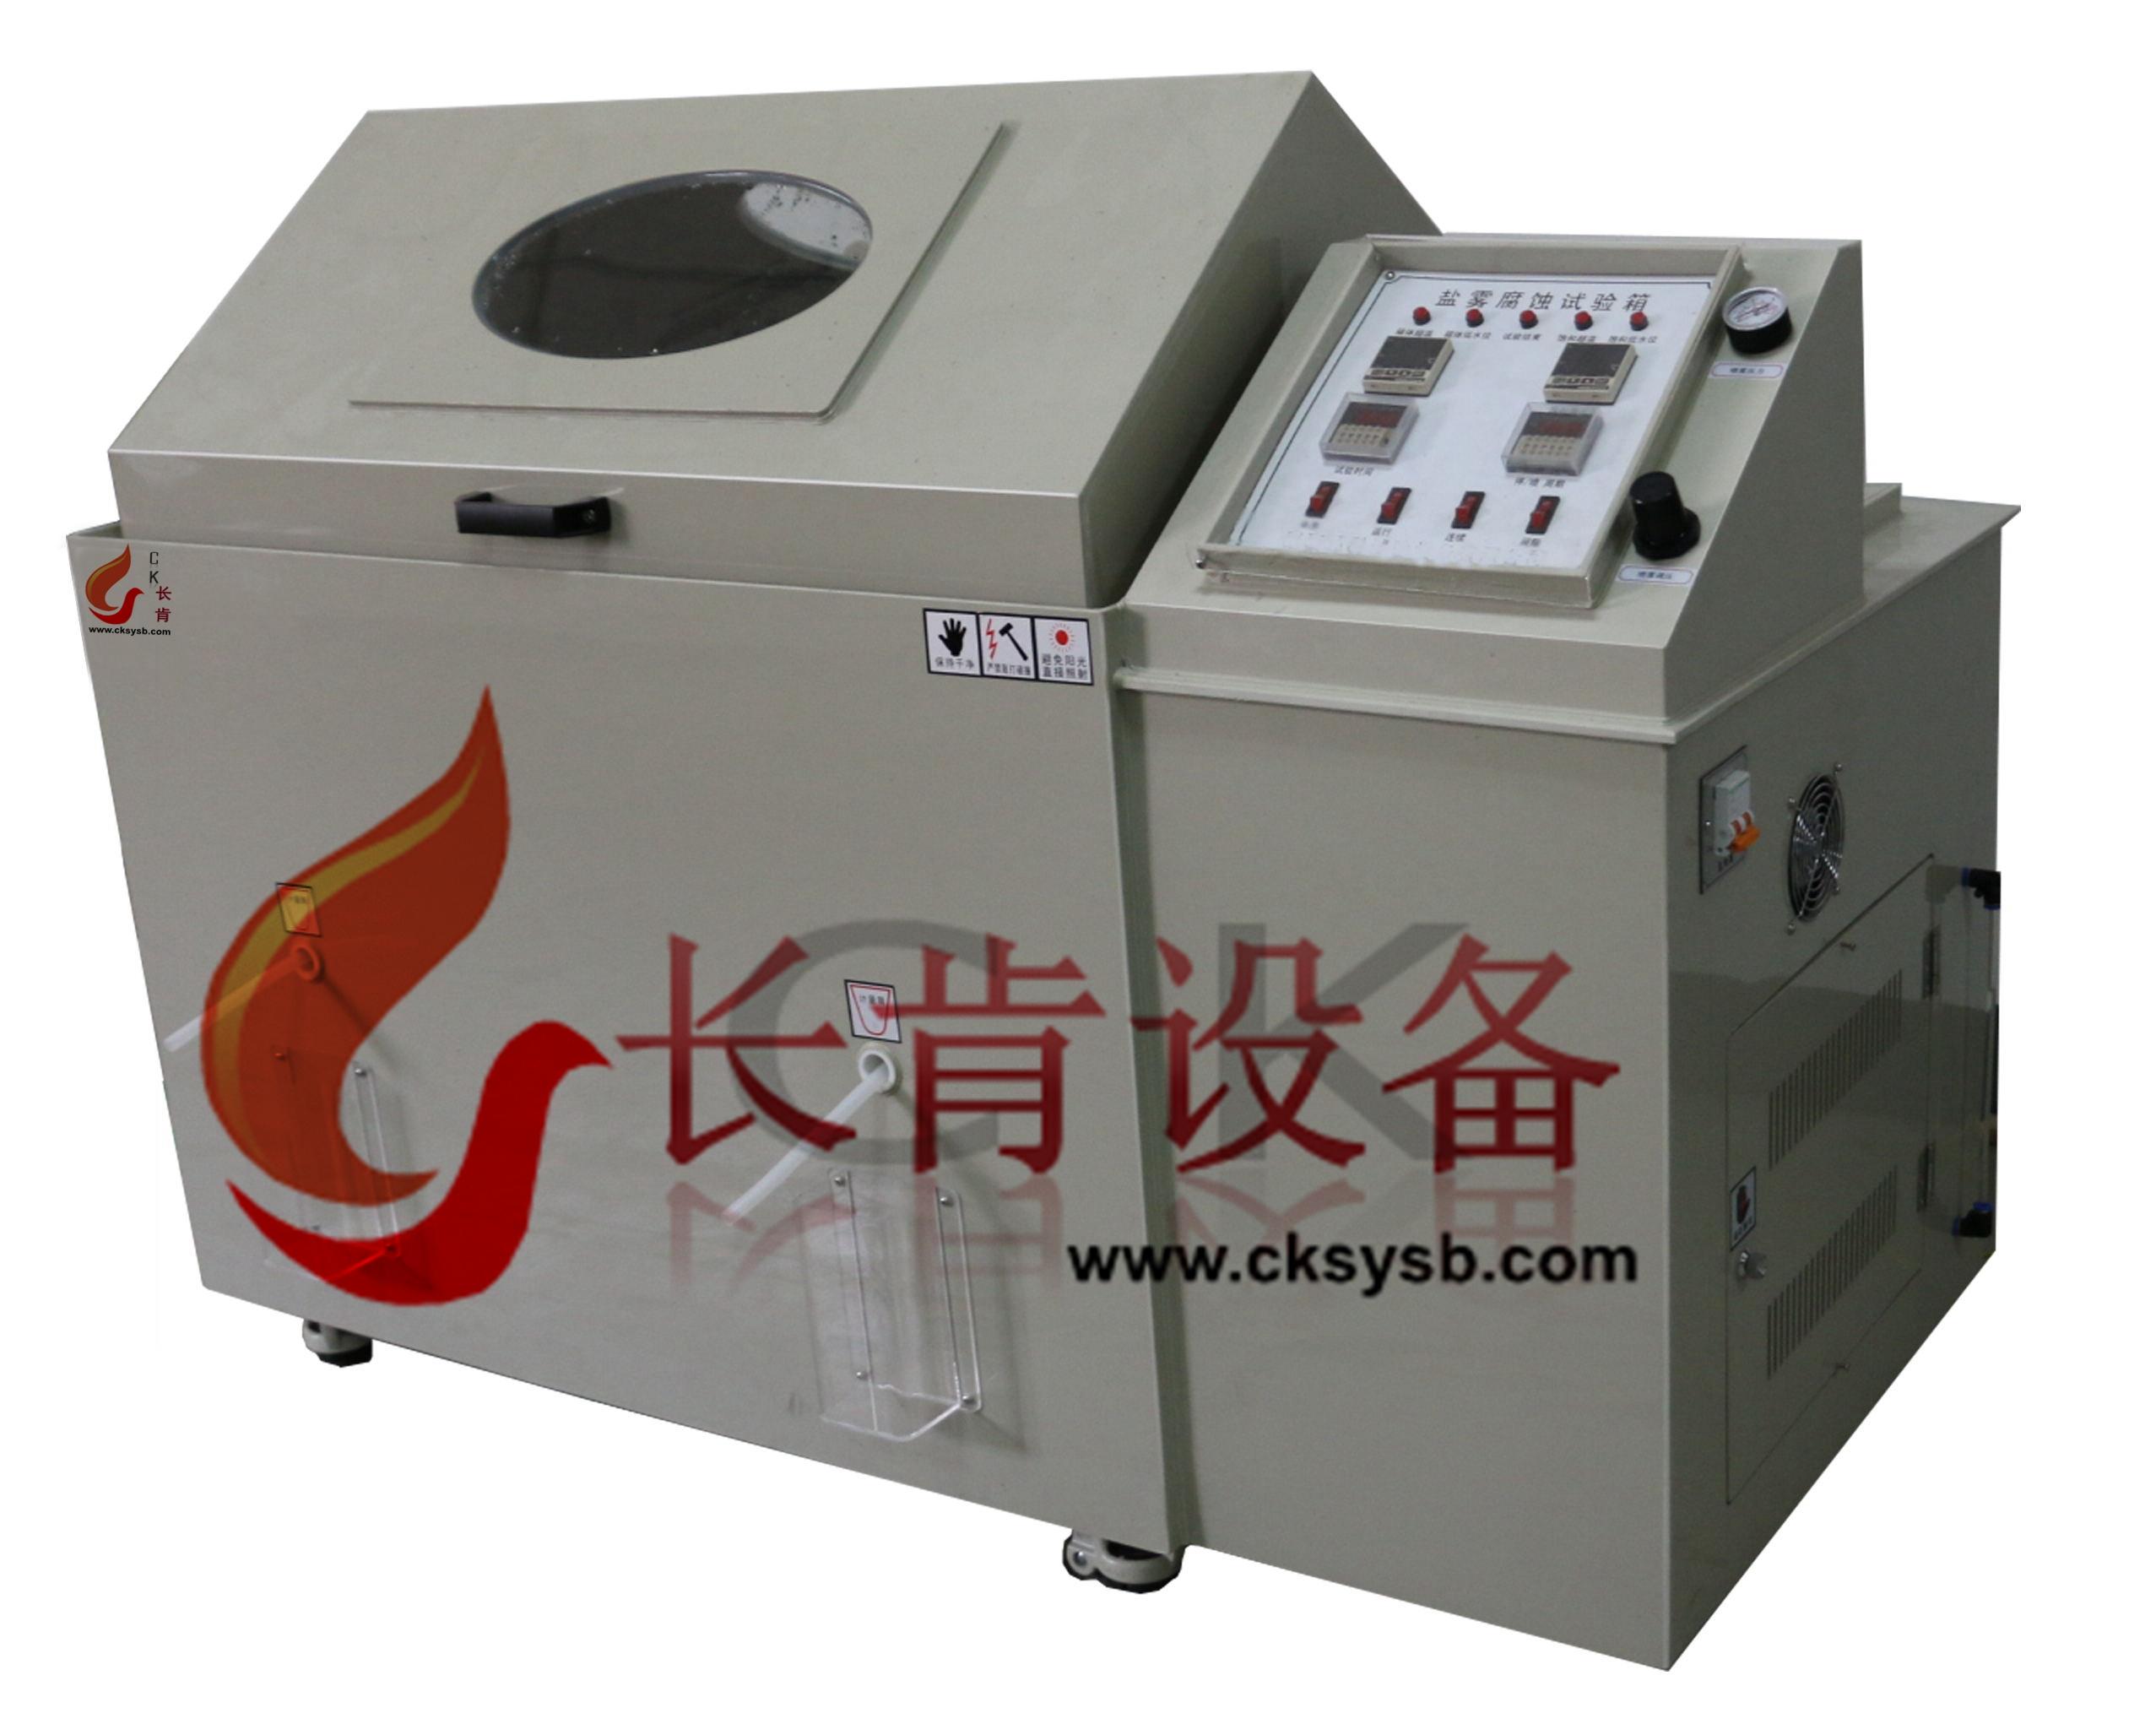 上海长肯试验设备有限公司